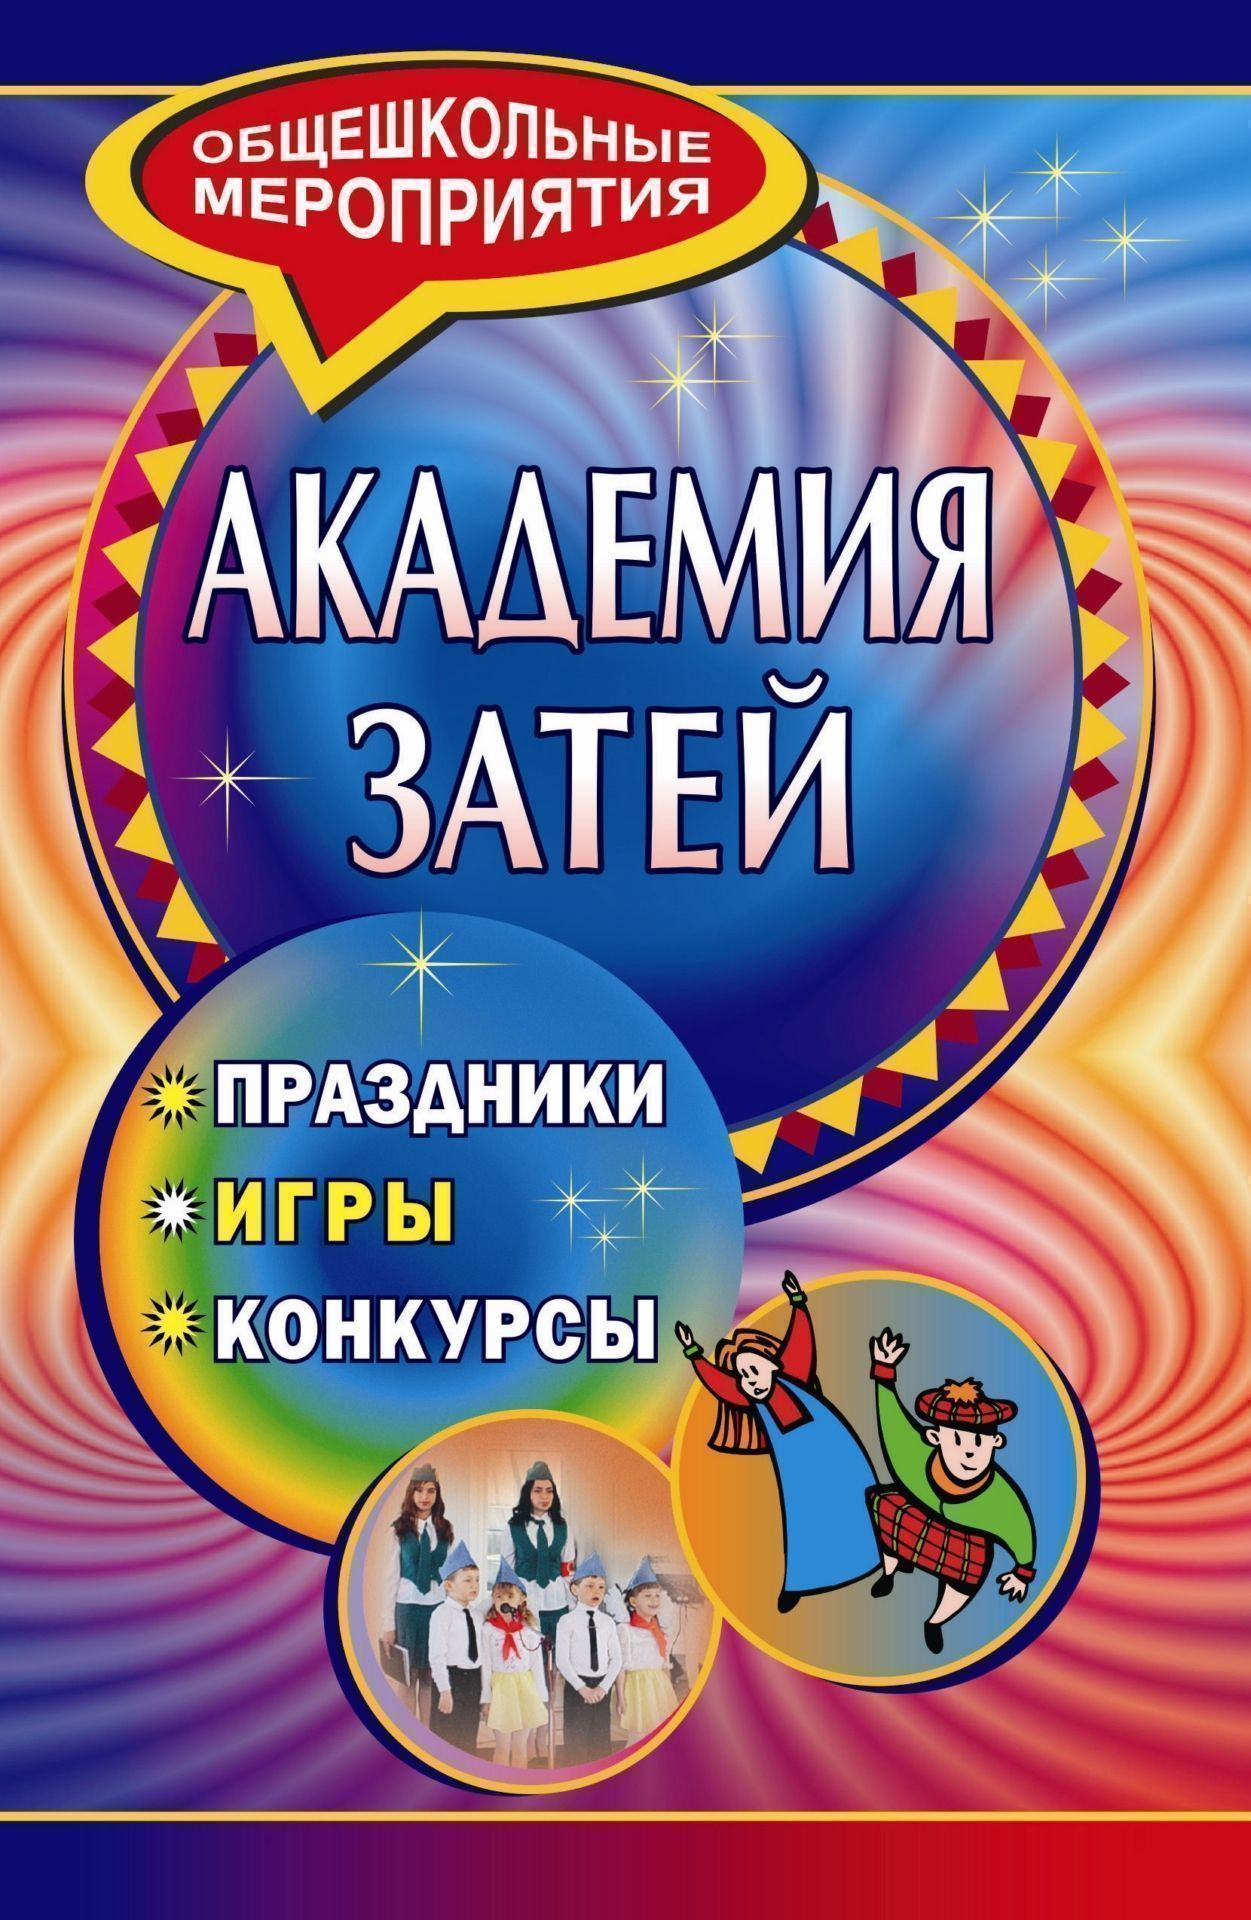 Академия затей: праздники, игры, конкурсы